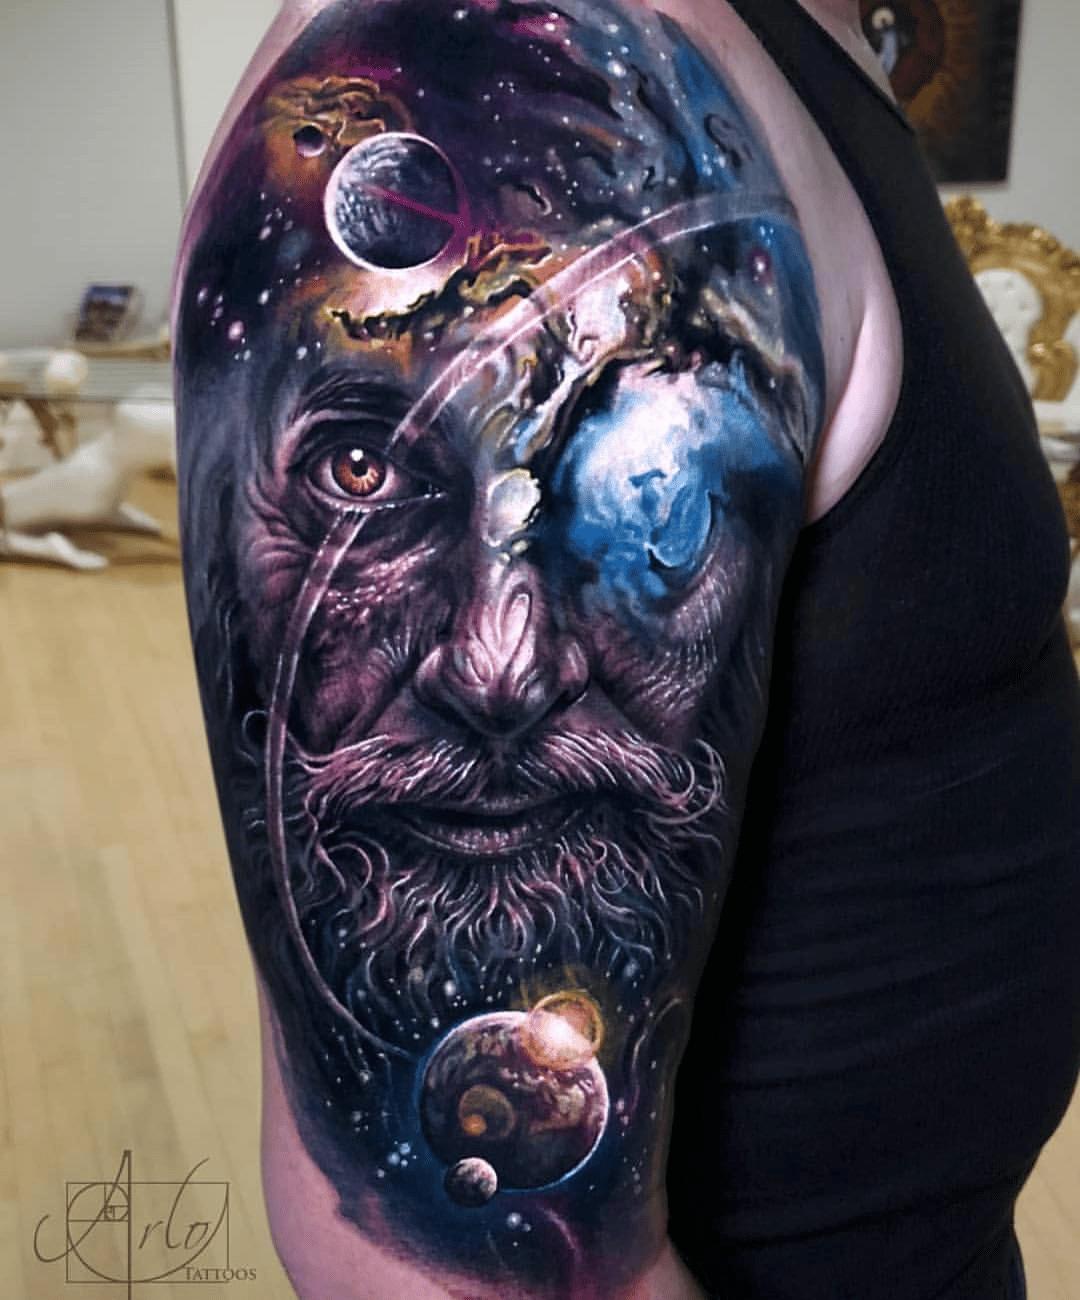 Epic Tattoos Lifestyle Geek Image12